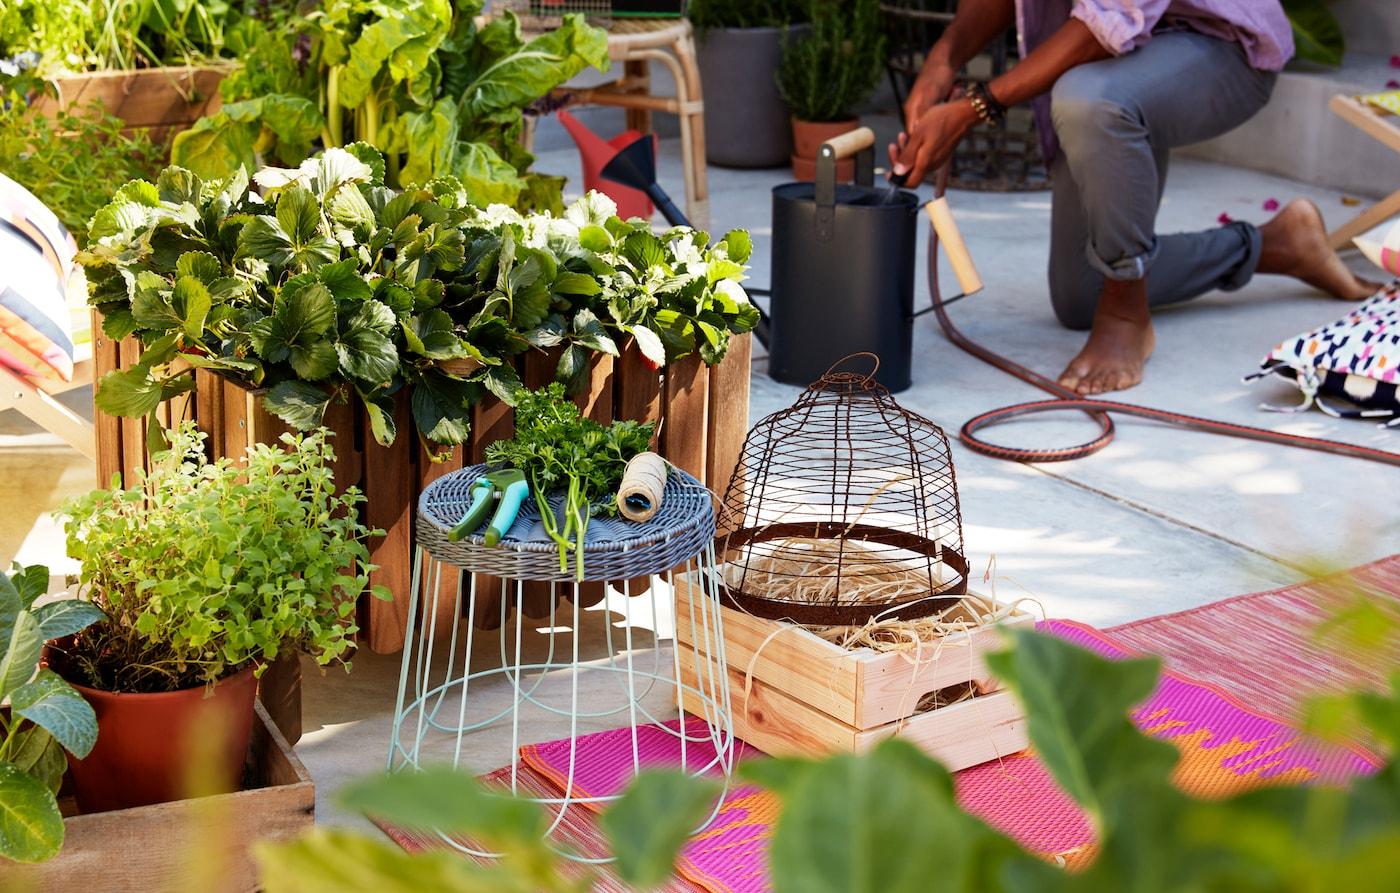 Duża drewniana skrzynia z roślinami stojąca na betonie w otoczeniu dywanów, stołka i narzędzi ogrodowych.